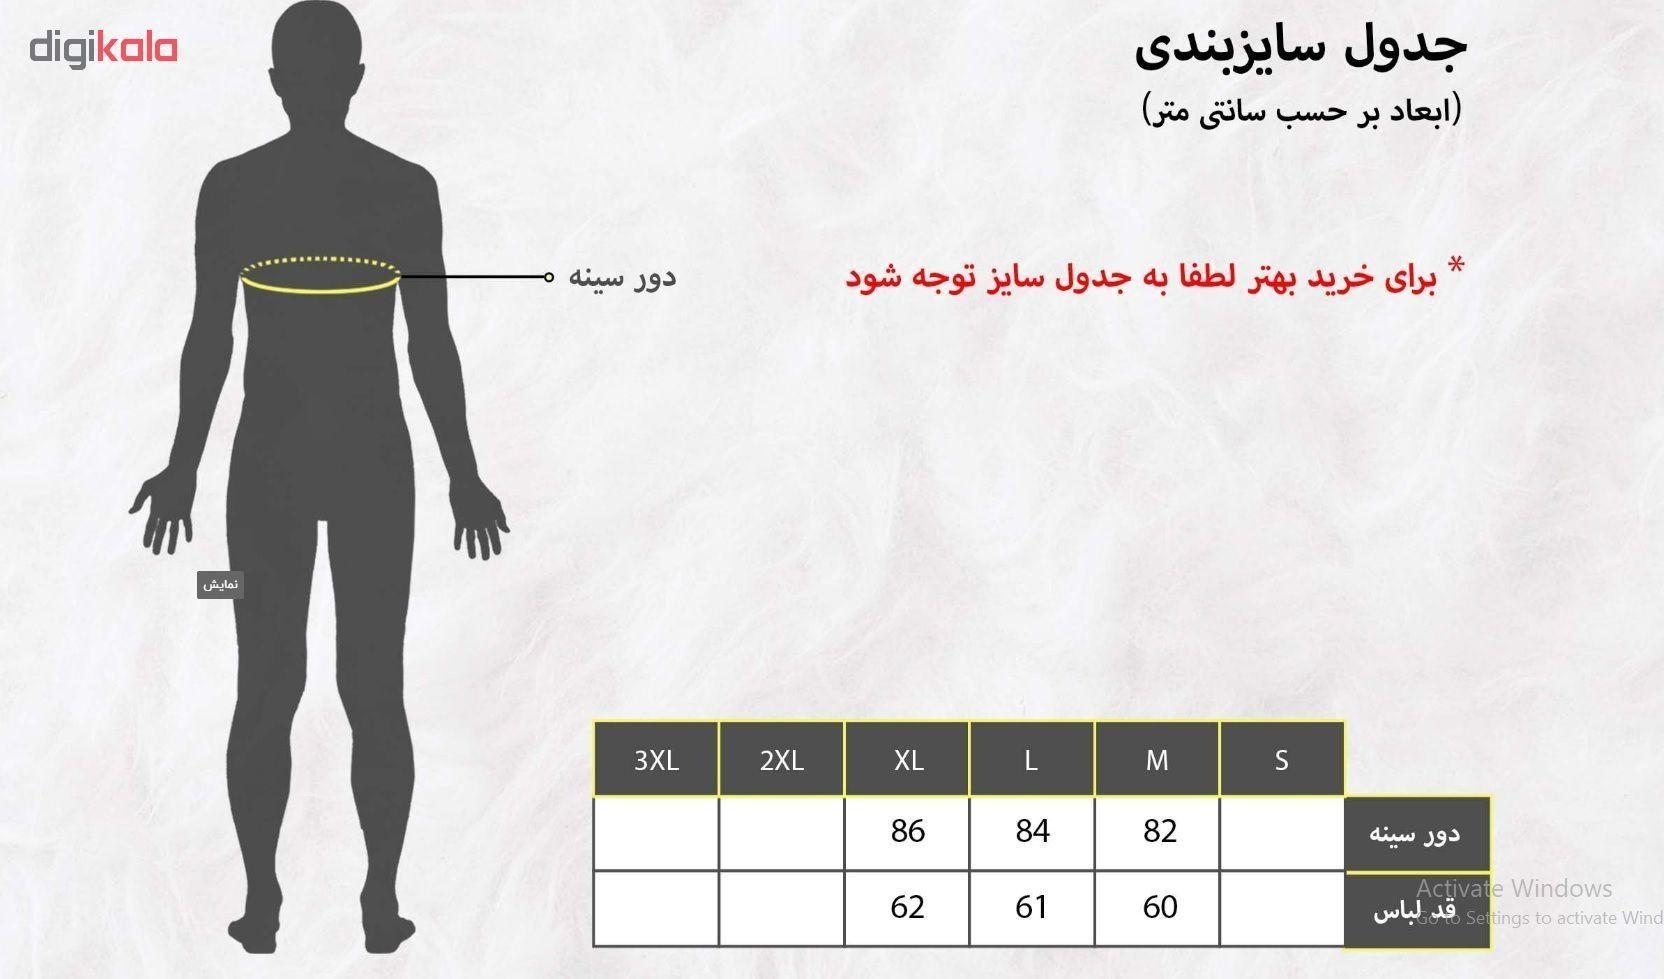 تیشرت ورزشی زنانه اچ کی کد 025-2379 main 1 3